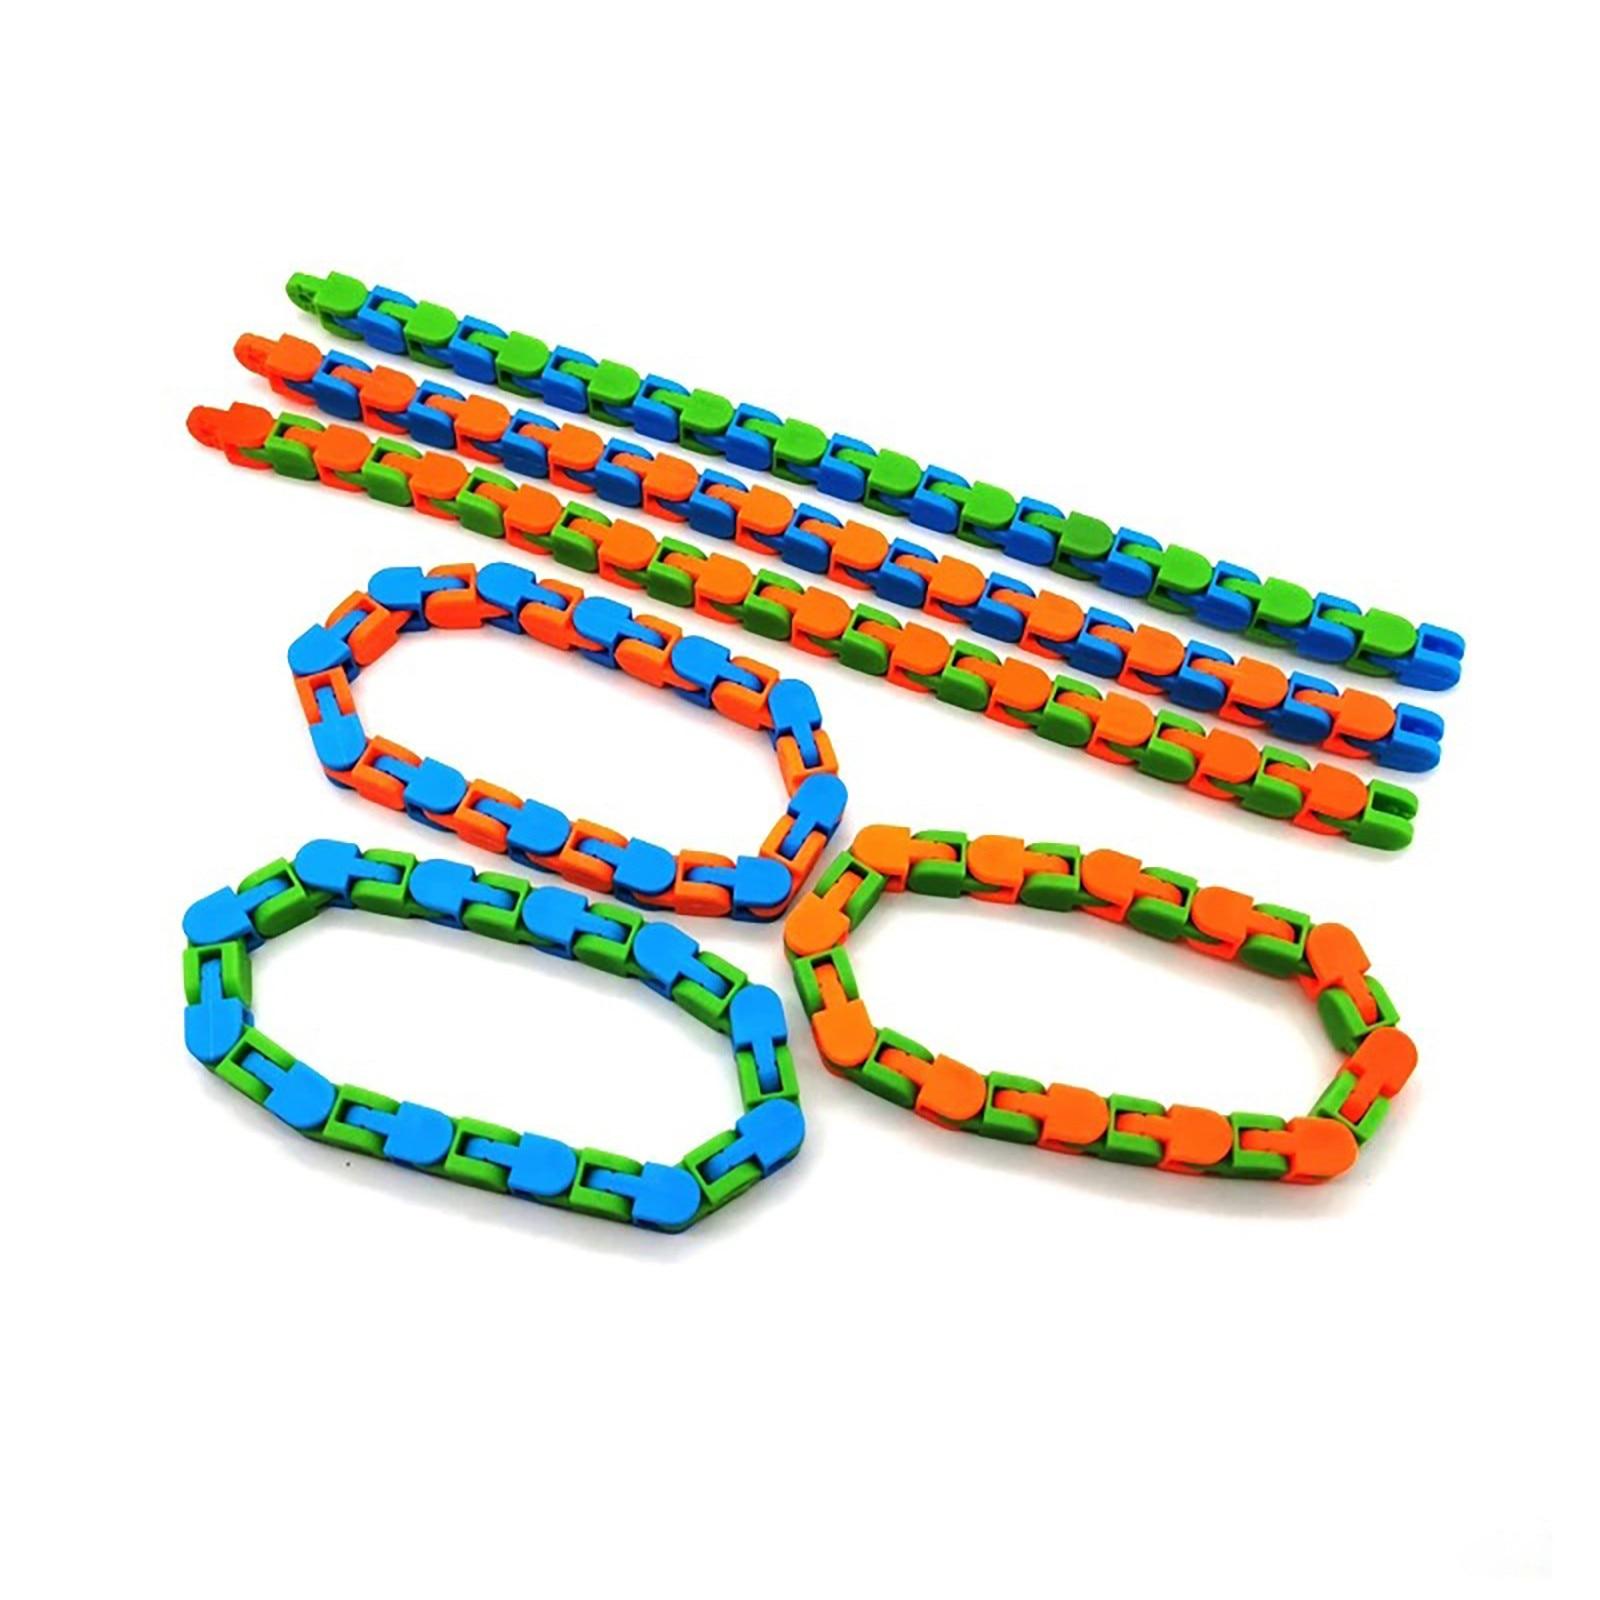 Toy Bracelet Fidget-Chain Adult Educatiaonal-Toys Anti-Stress Children for Spinner Snake img2